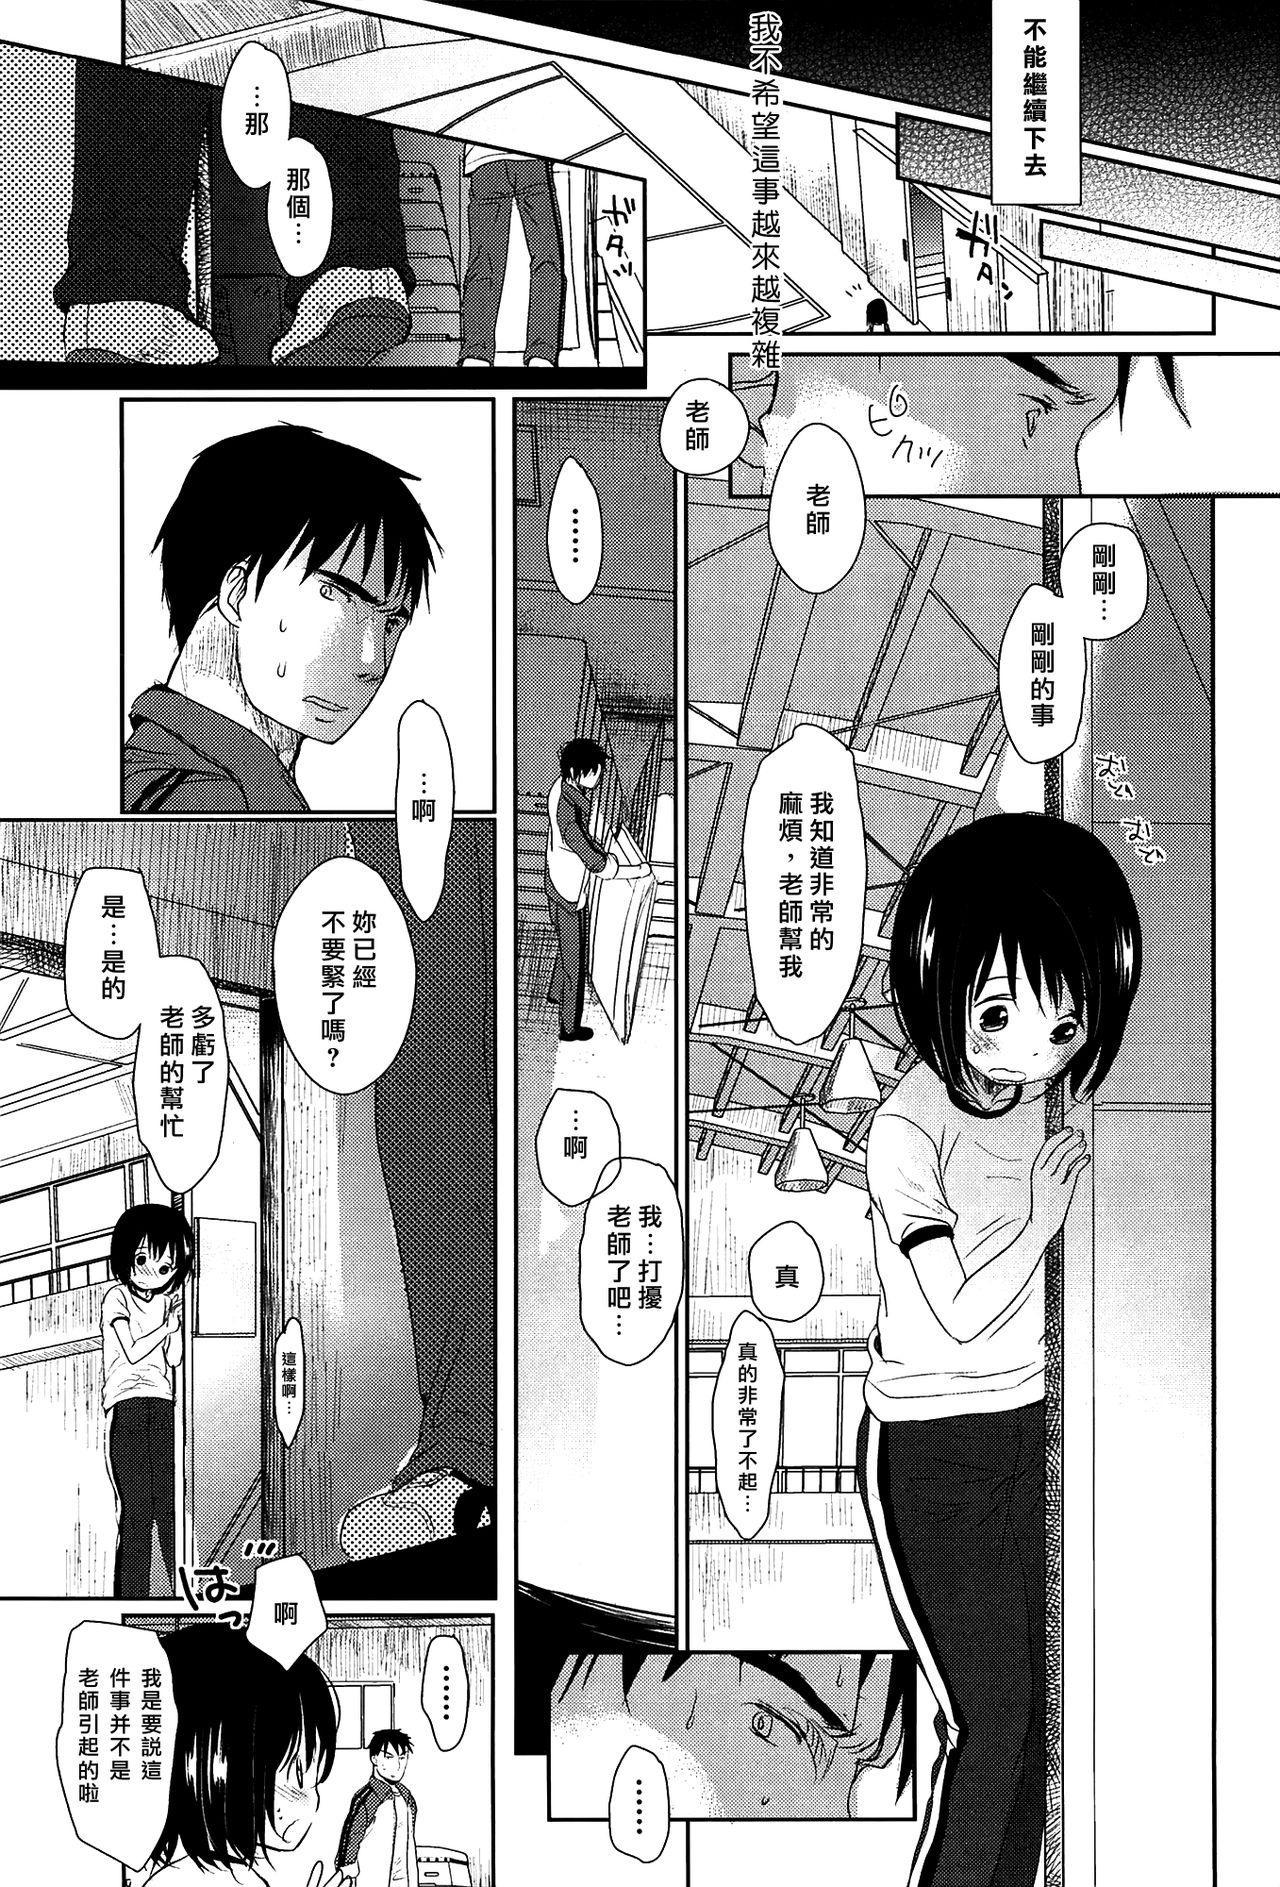 Sensei to, Watashi to. Jou 56